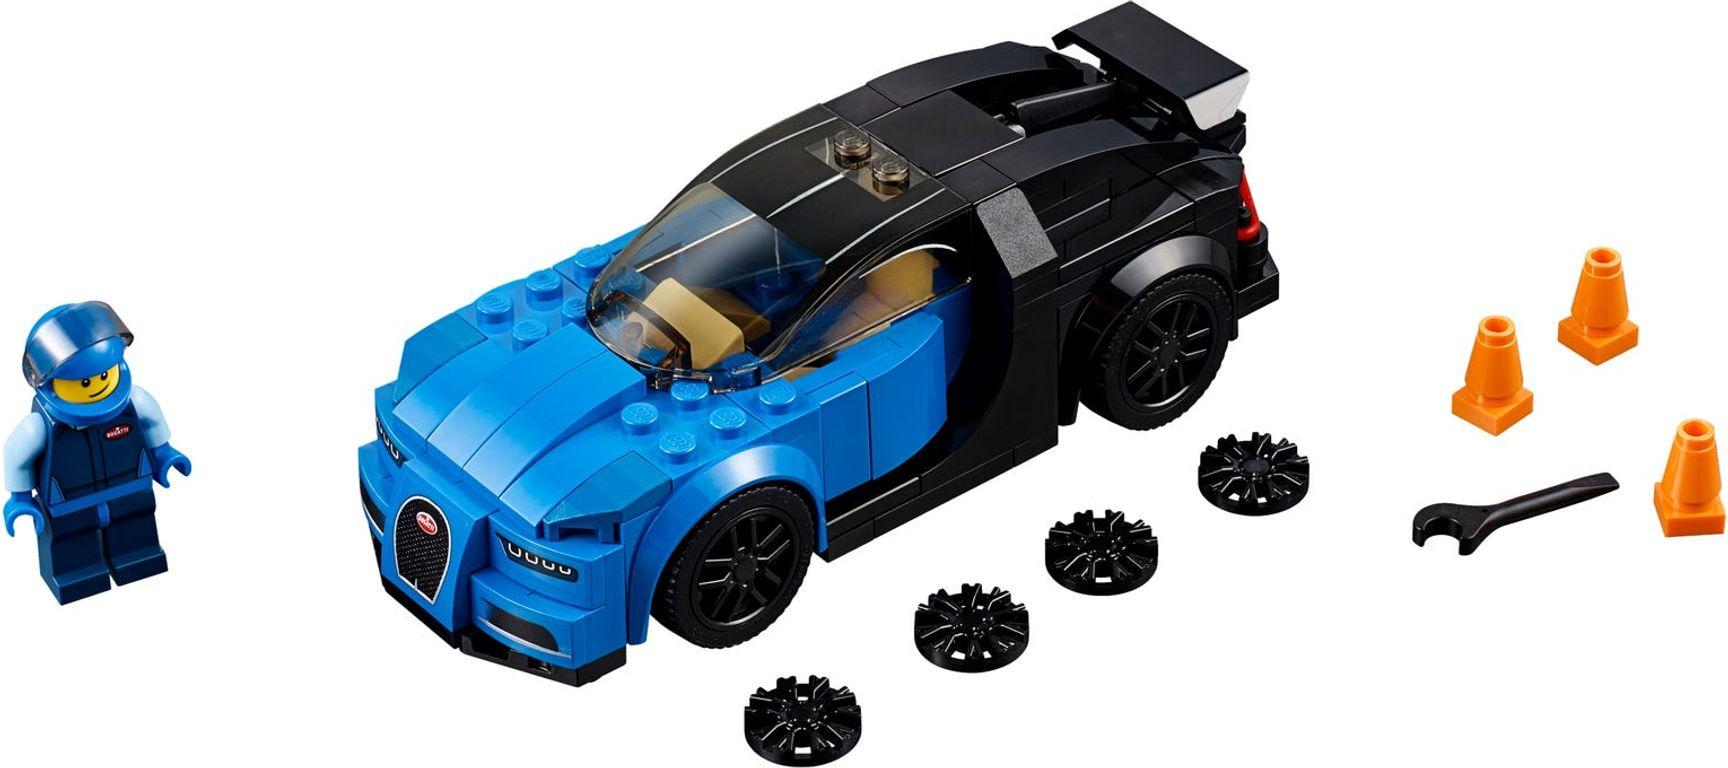 Bugatti Chiron components